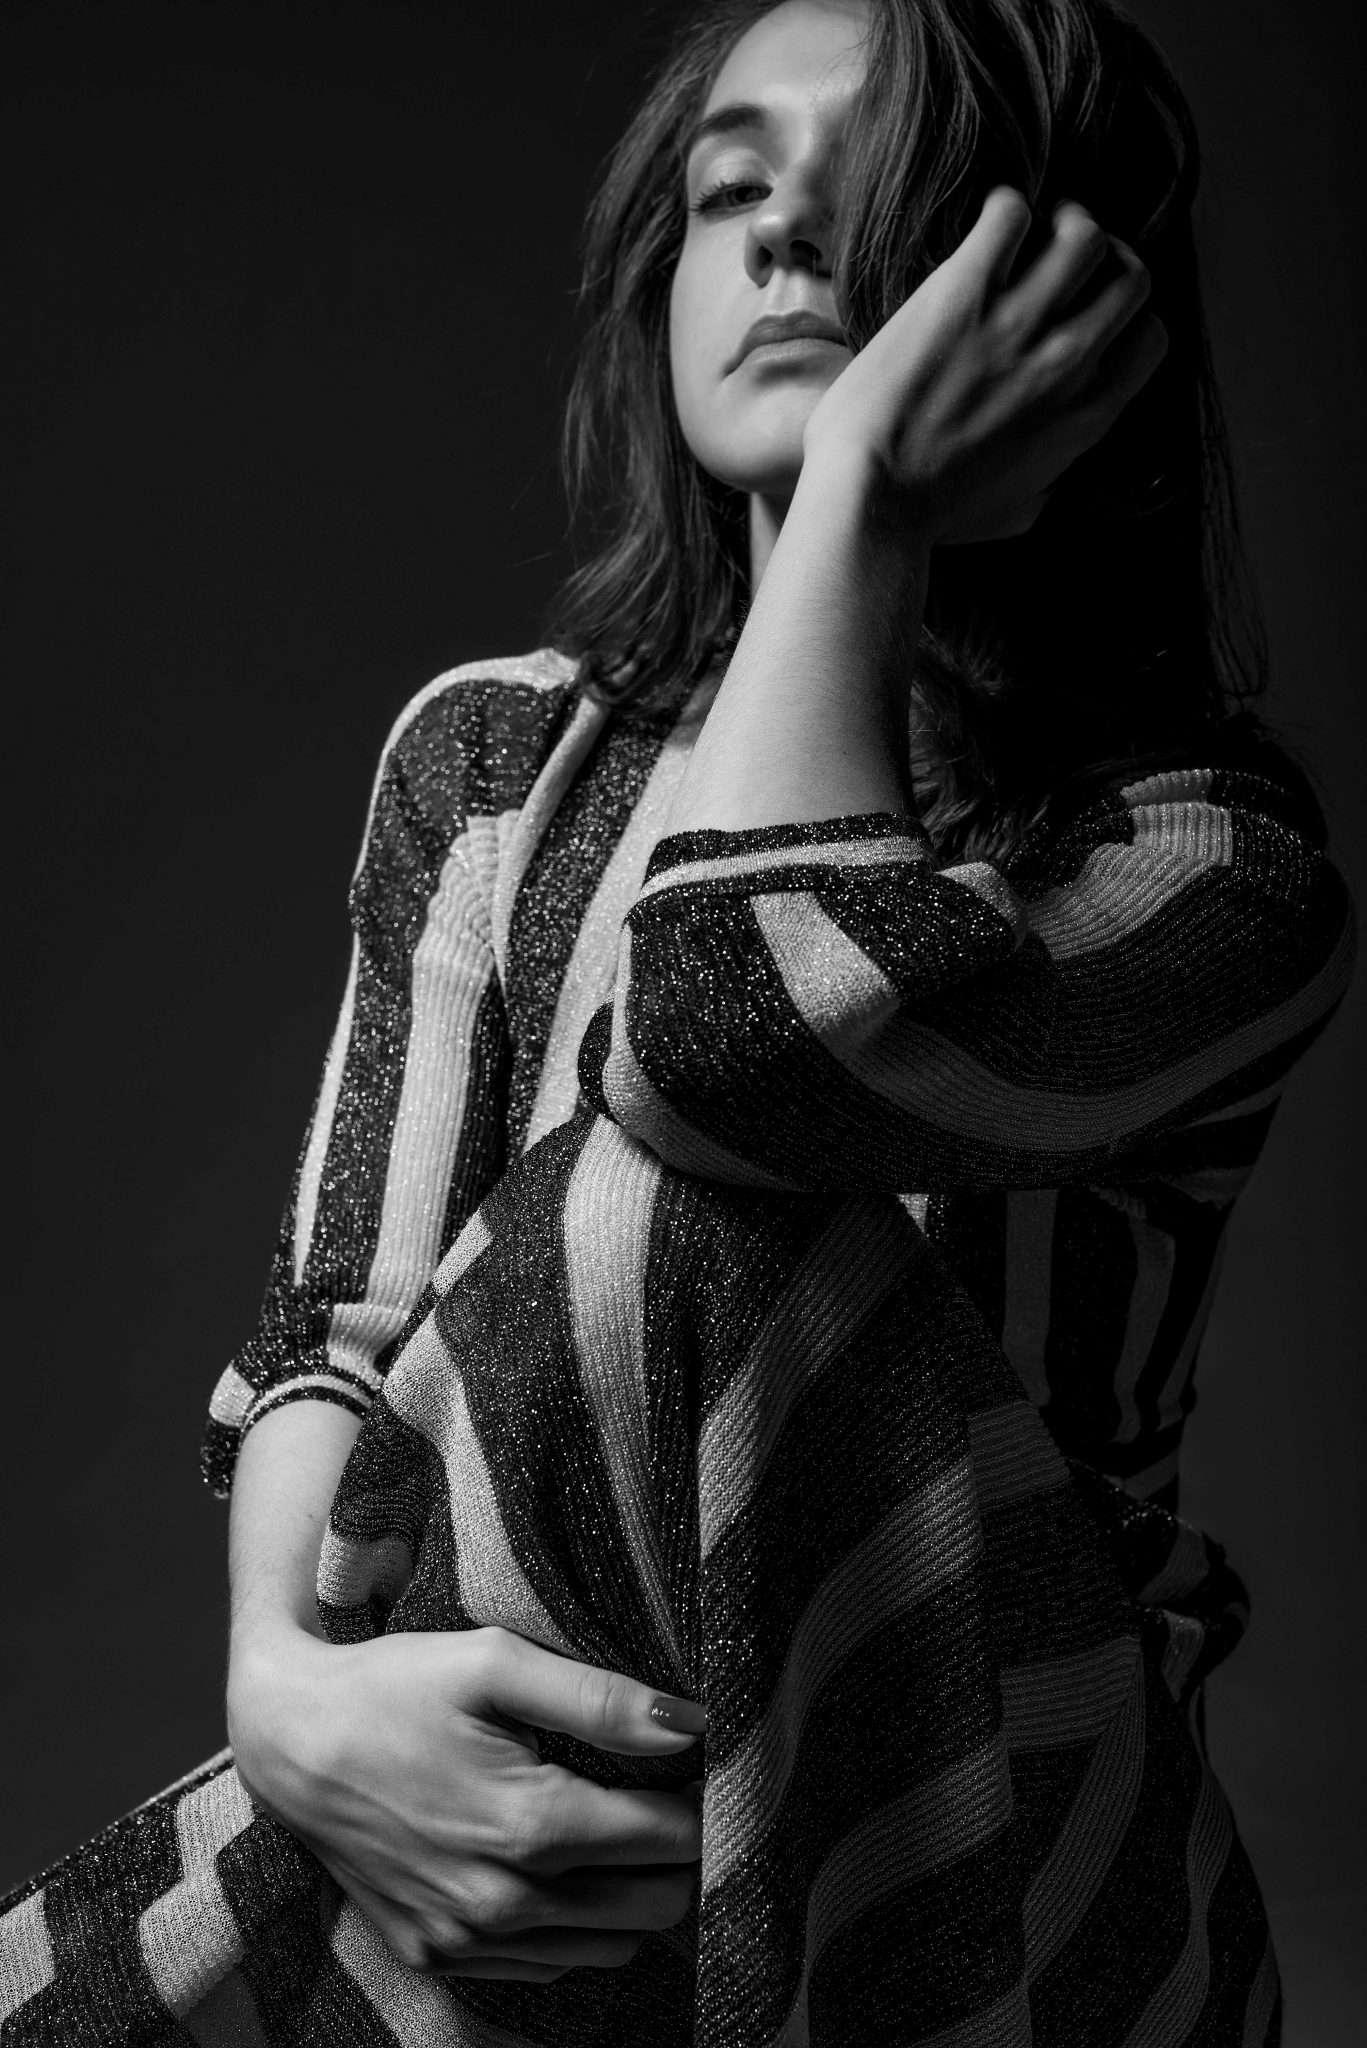 Fotografia ritratto donna in bianco e nero realizzata da Barbara Trincone, fotografa ritrattista professionista, esegue servizi di creazione ed ampliamento look book per modelle/i e attori